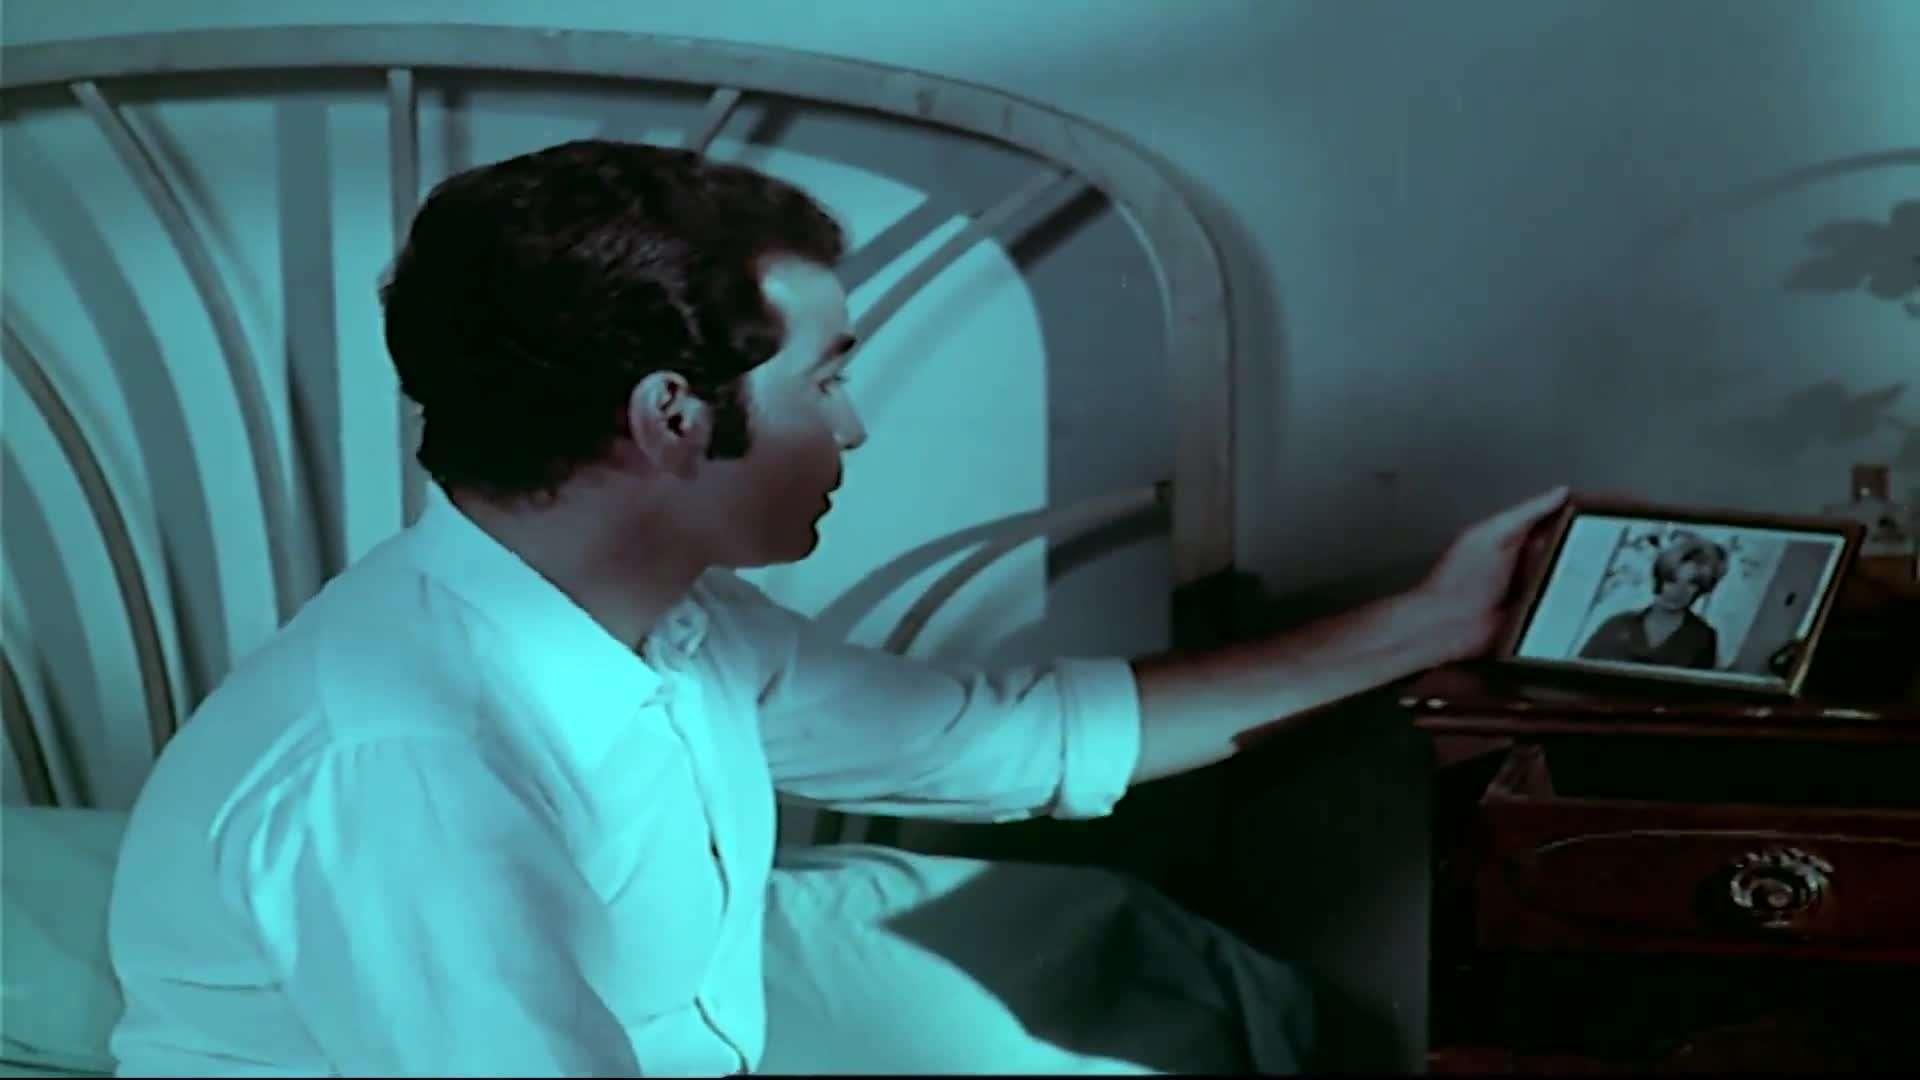 [فيلم][تورنت][تحميل][الجبان والحب][1975][1080p][Web-DL] 10 arabp2p.com